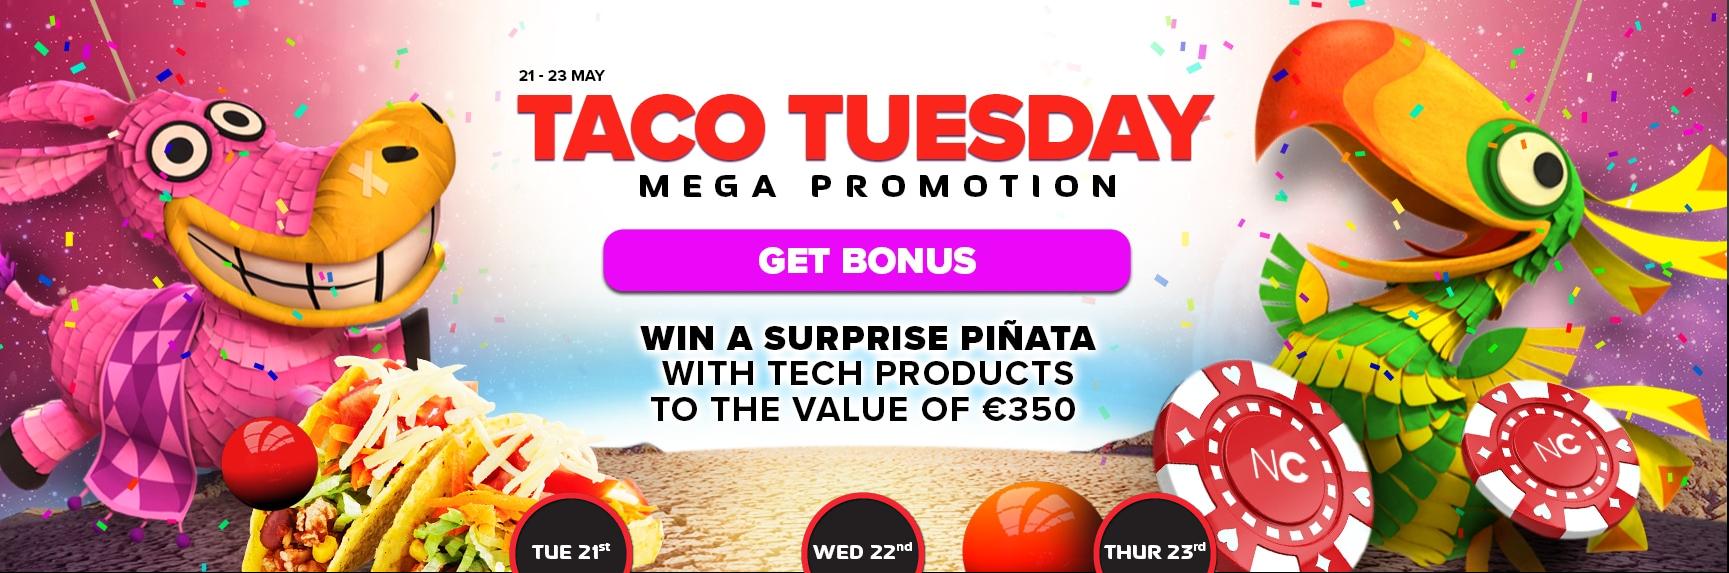 Win 350 Euros tech products at NextCasino